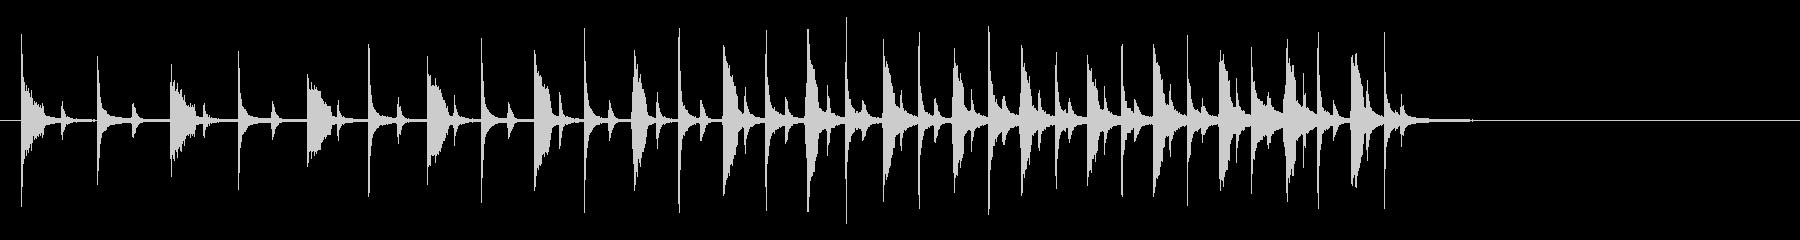 ドラムエフェクト、テンポの増加、音...の未再生の波形